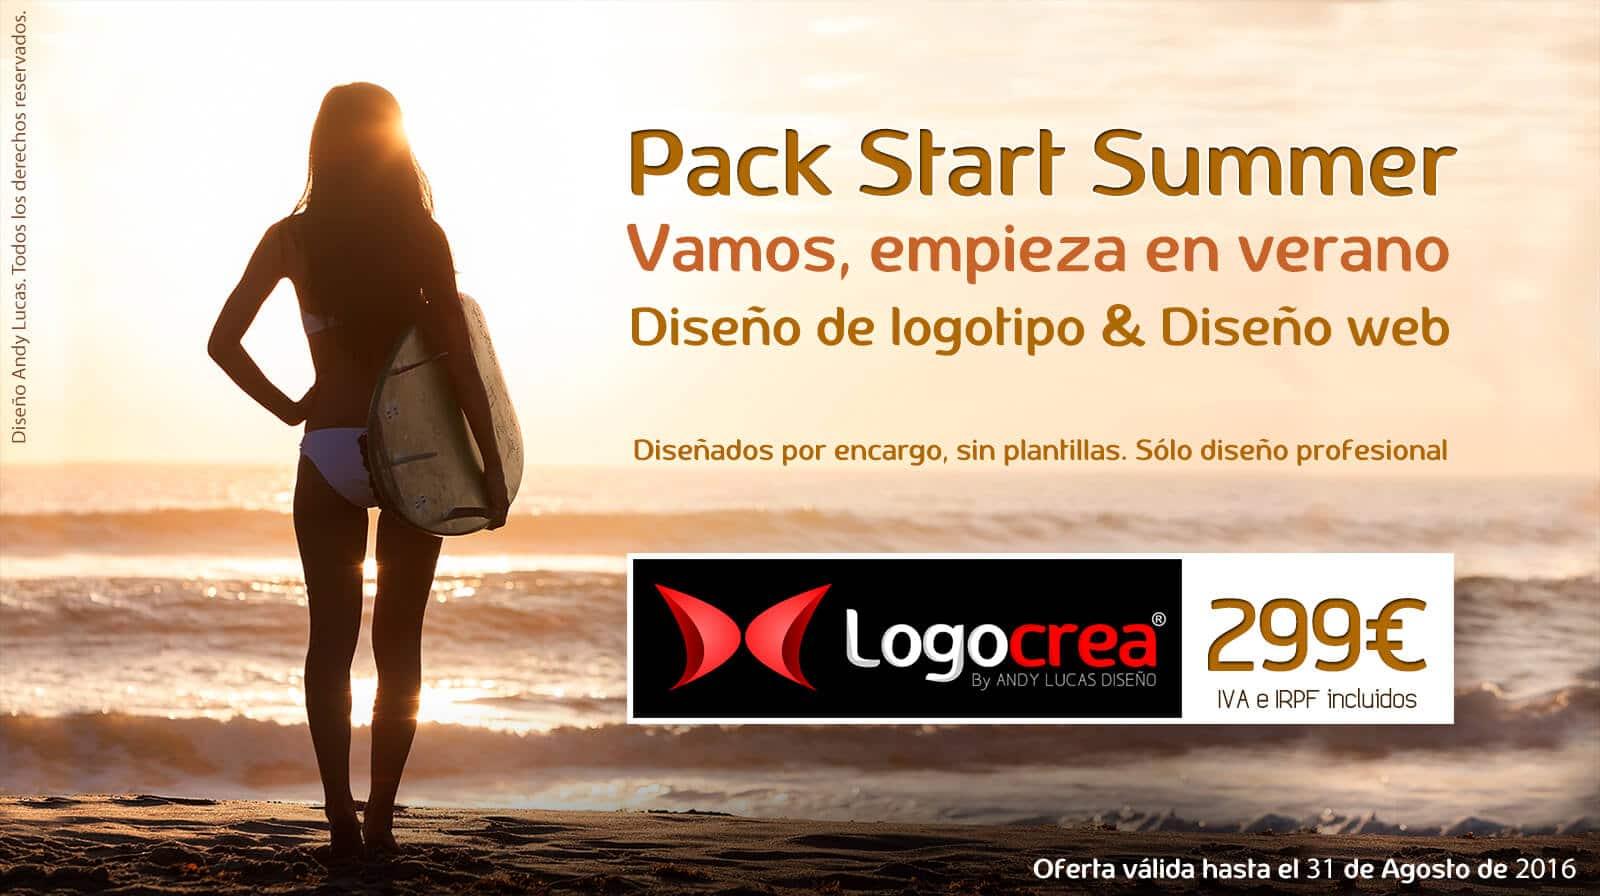 Diseño de logotipo y web por 299€ con StartSUMMER